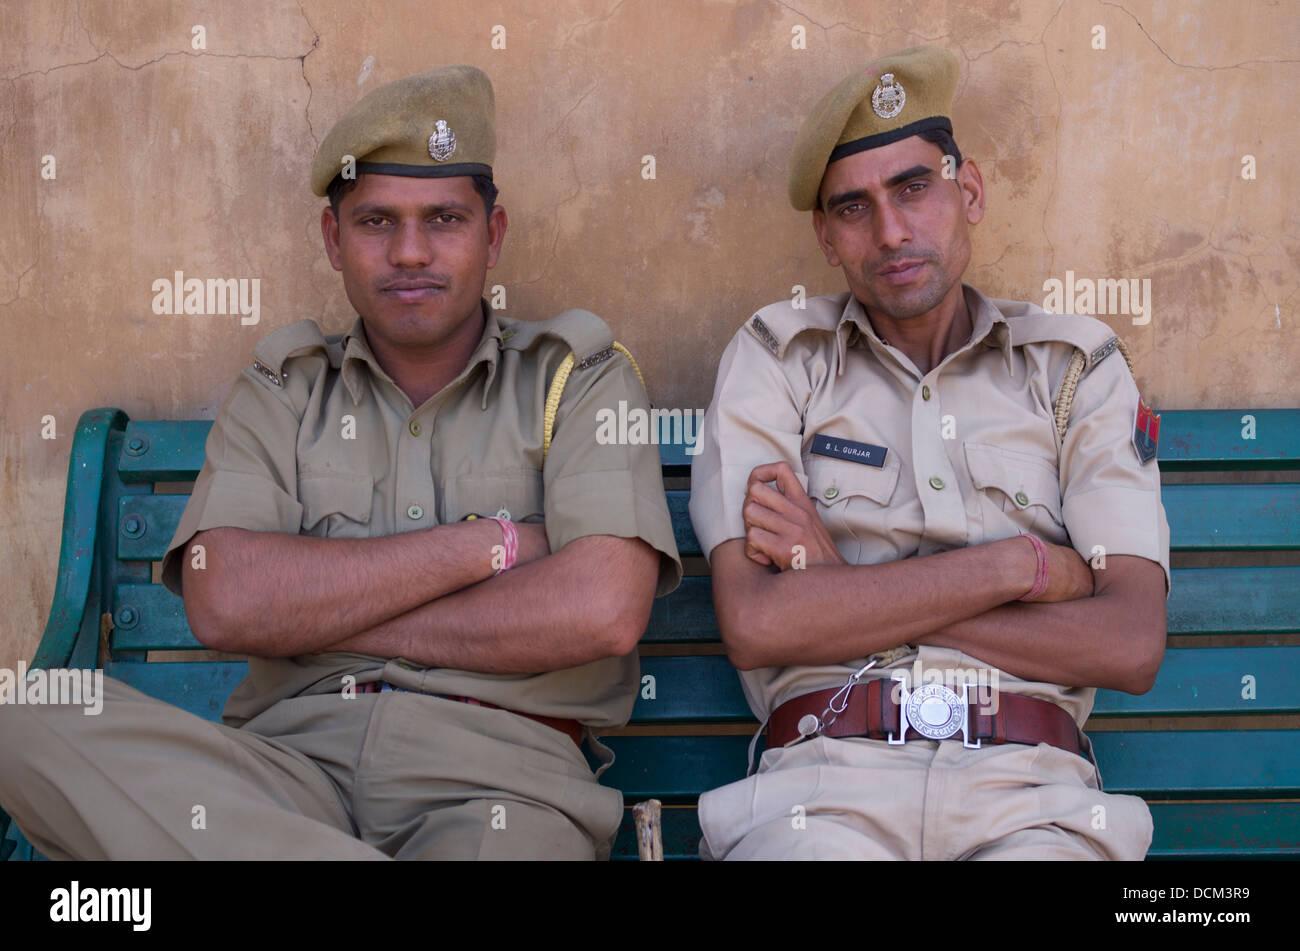 Indische Sicherheitskräfte am Amber (Amer) Fort / Schloss - Jaipur, Rajasthan, Indien Stockbild